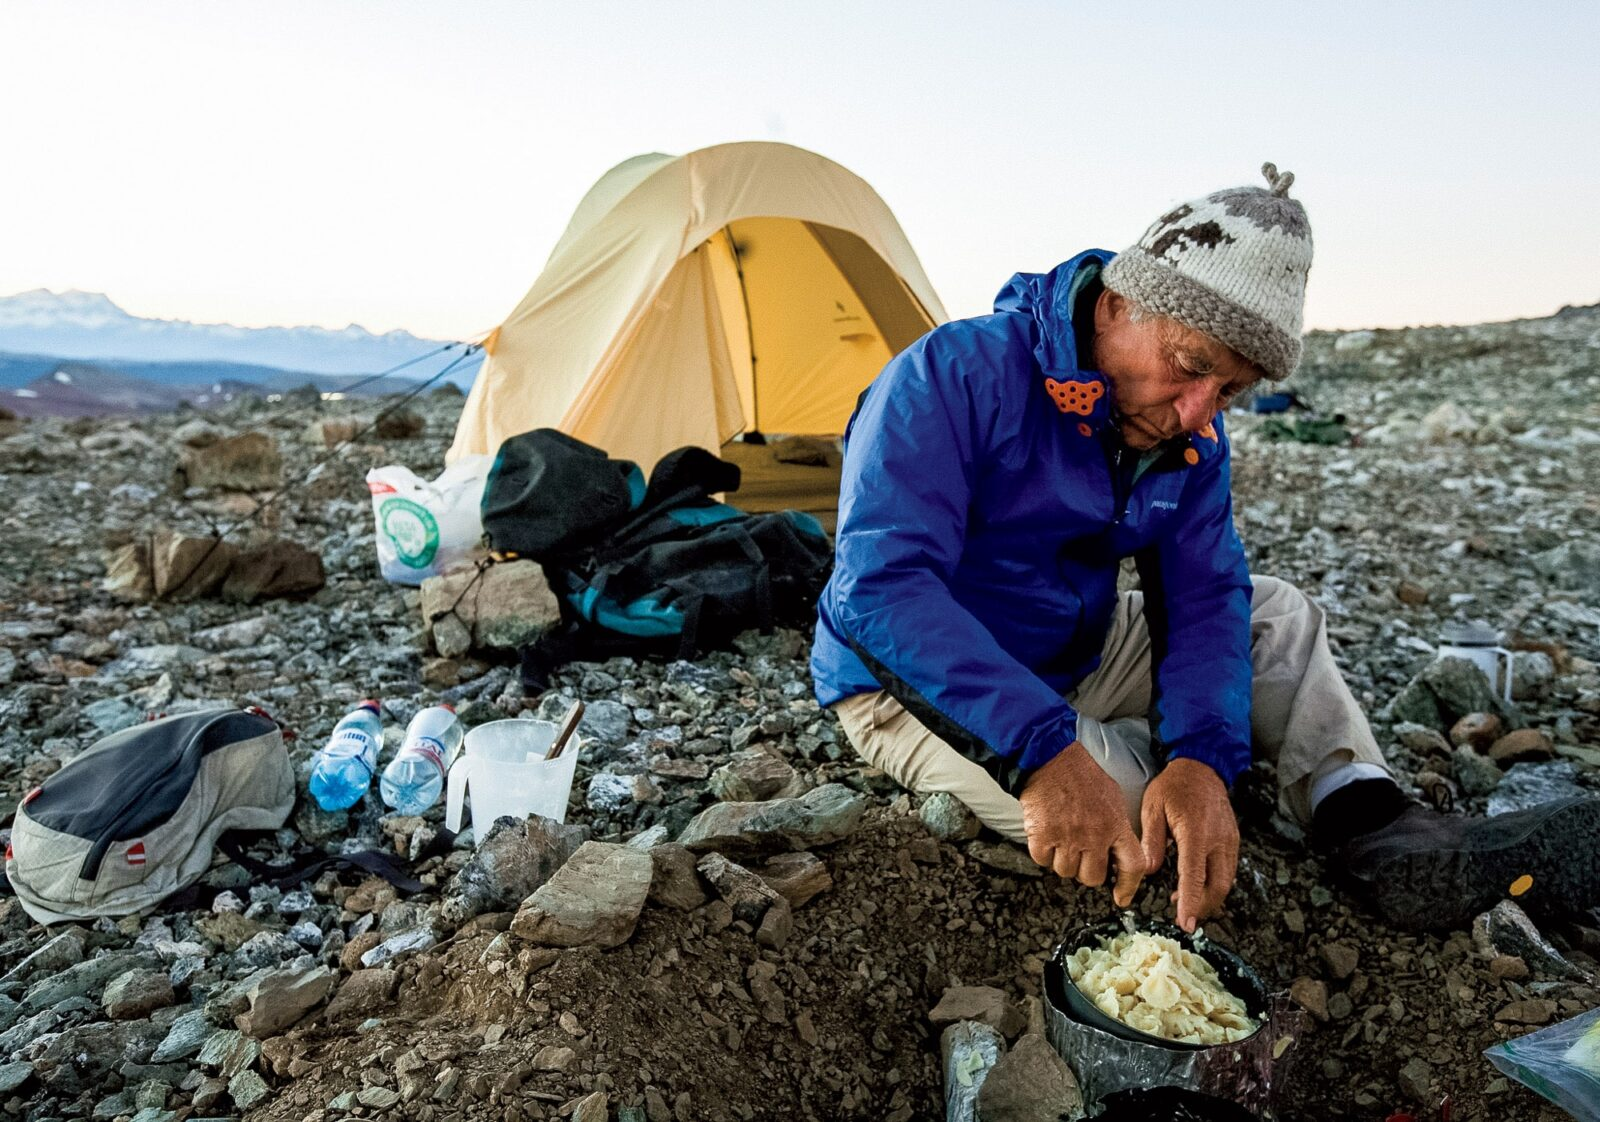 サーモンは北米先住民にならい、必要な種類だけを捕る「非混獲型漁法」で調達。